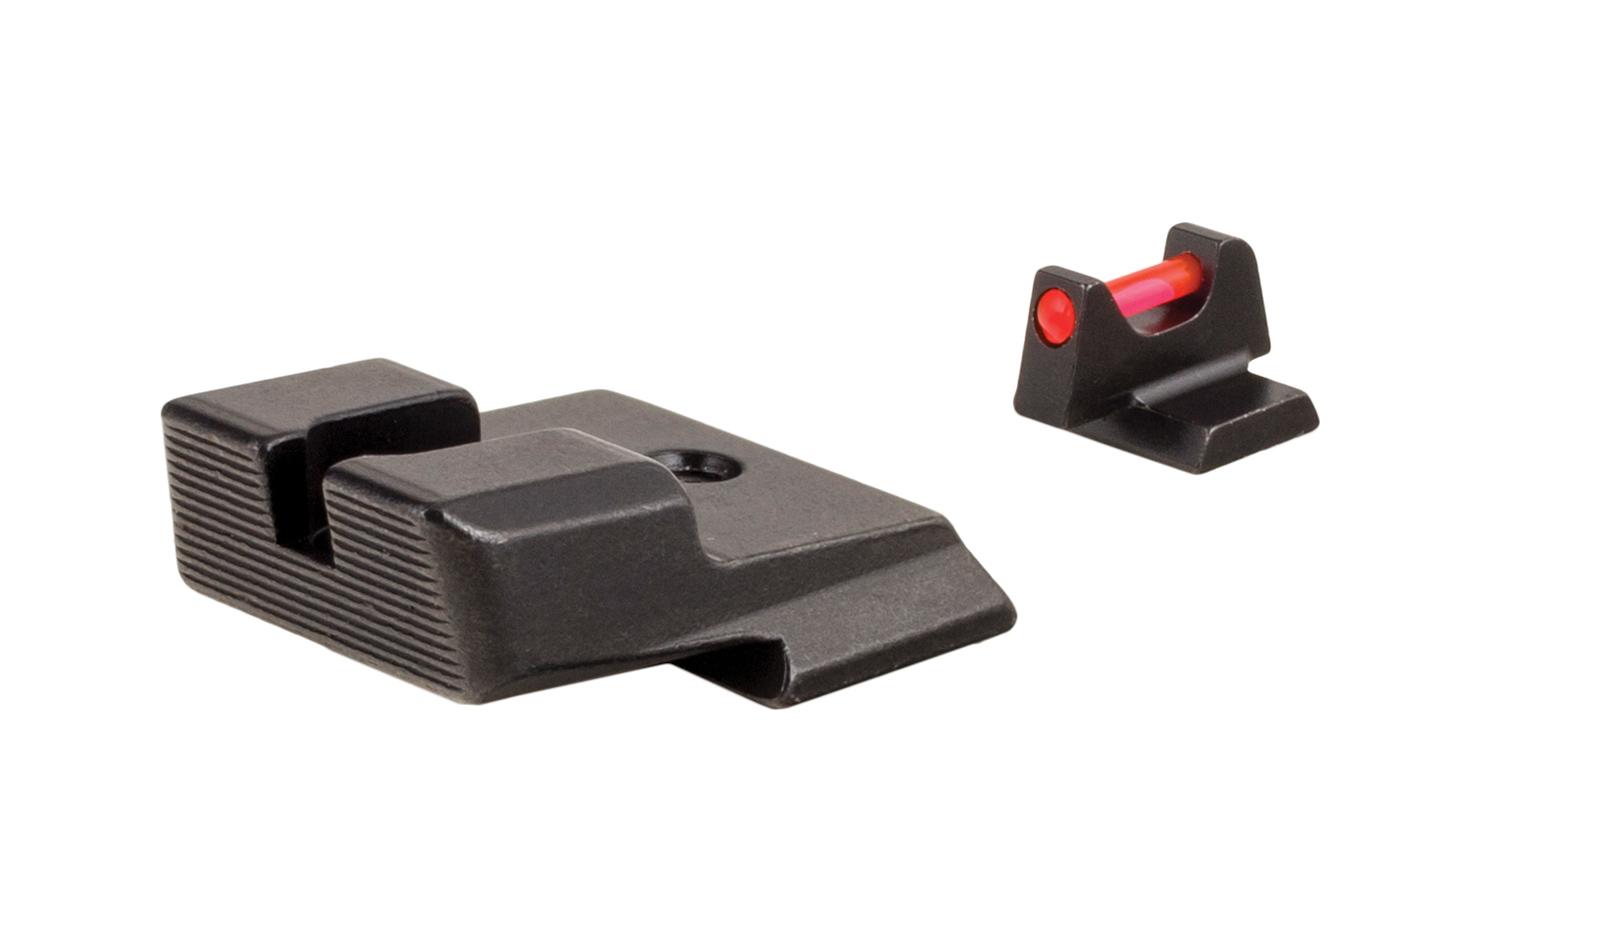 Trijicon<sup>®</sup> Fiber Sights - Smith & Wesson M&P SHIELD / M&P SHIELD 2.0